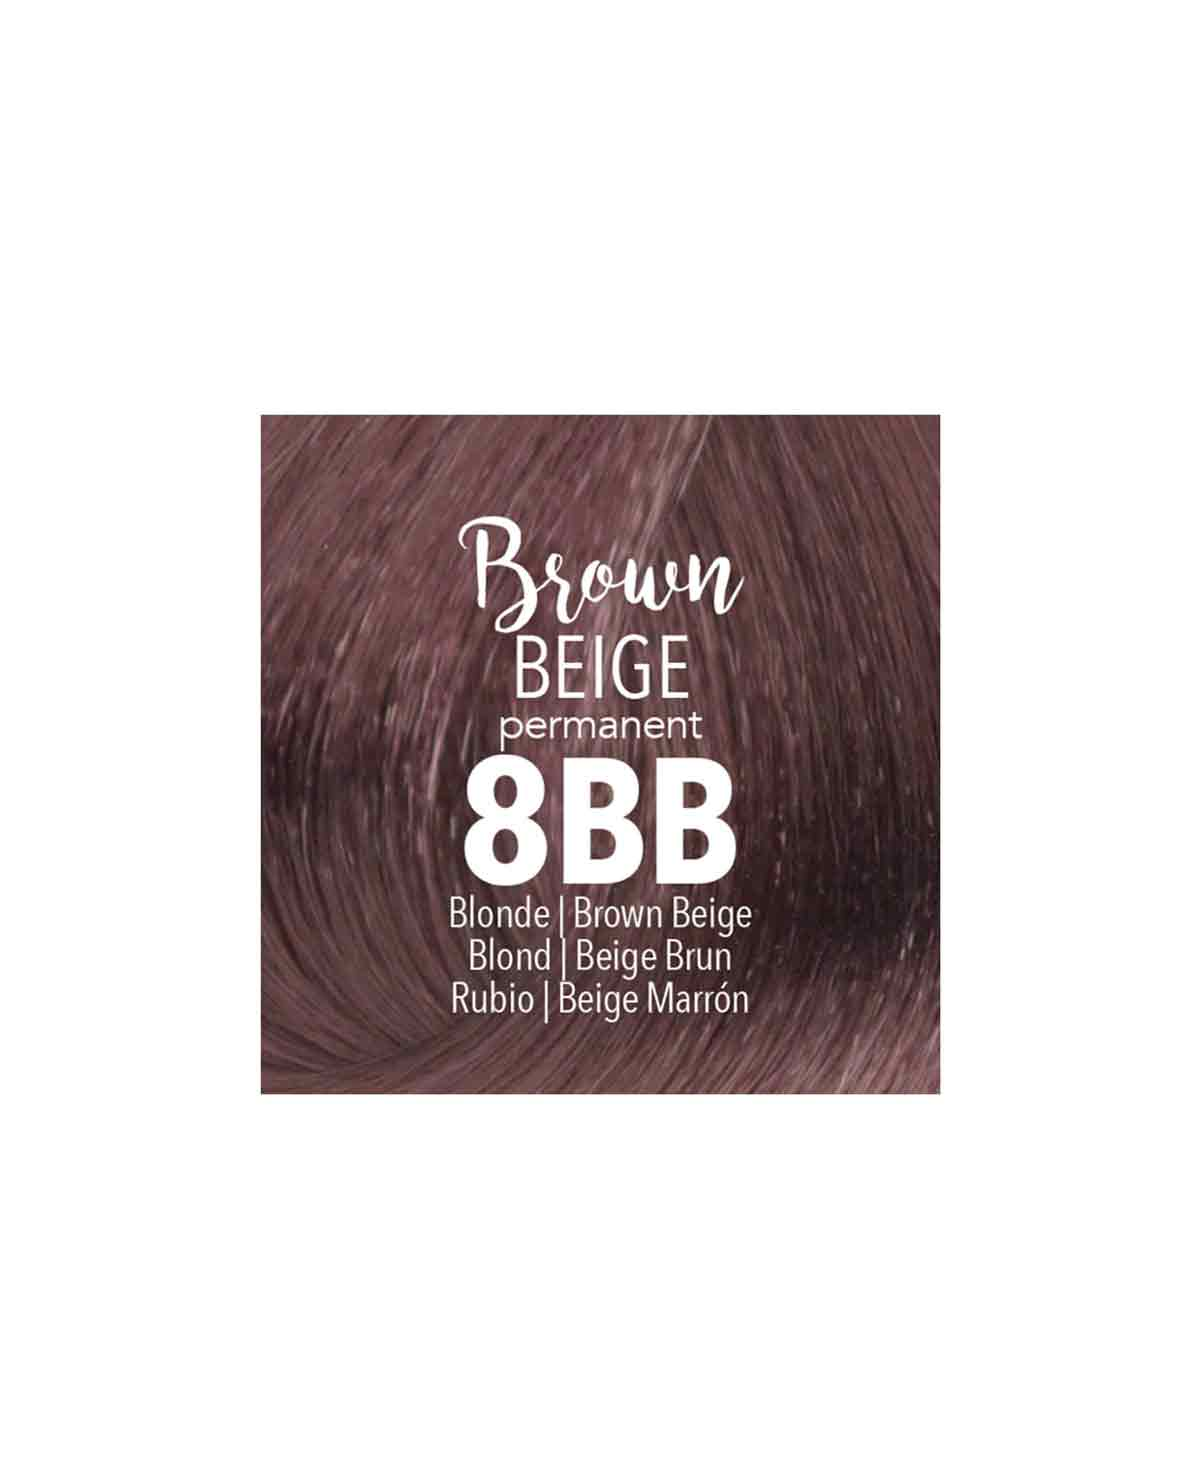 Mydentity - 8BB Blonde Brown Beige